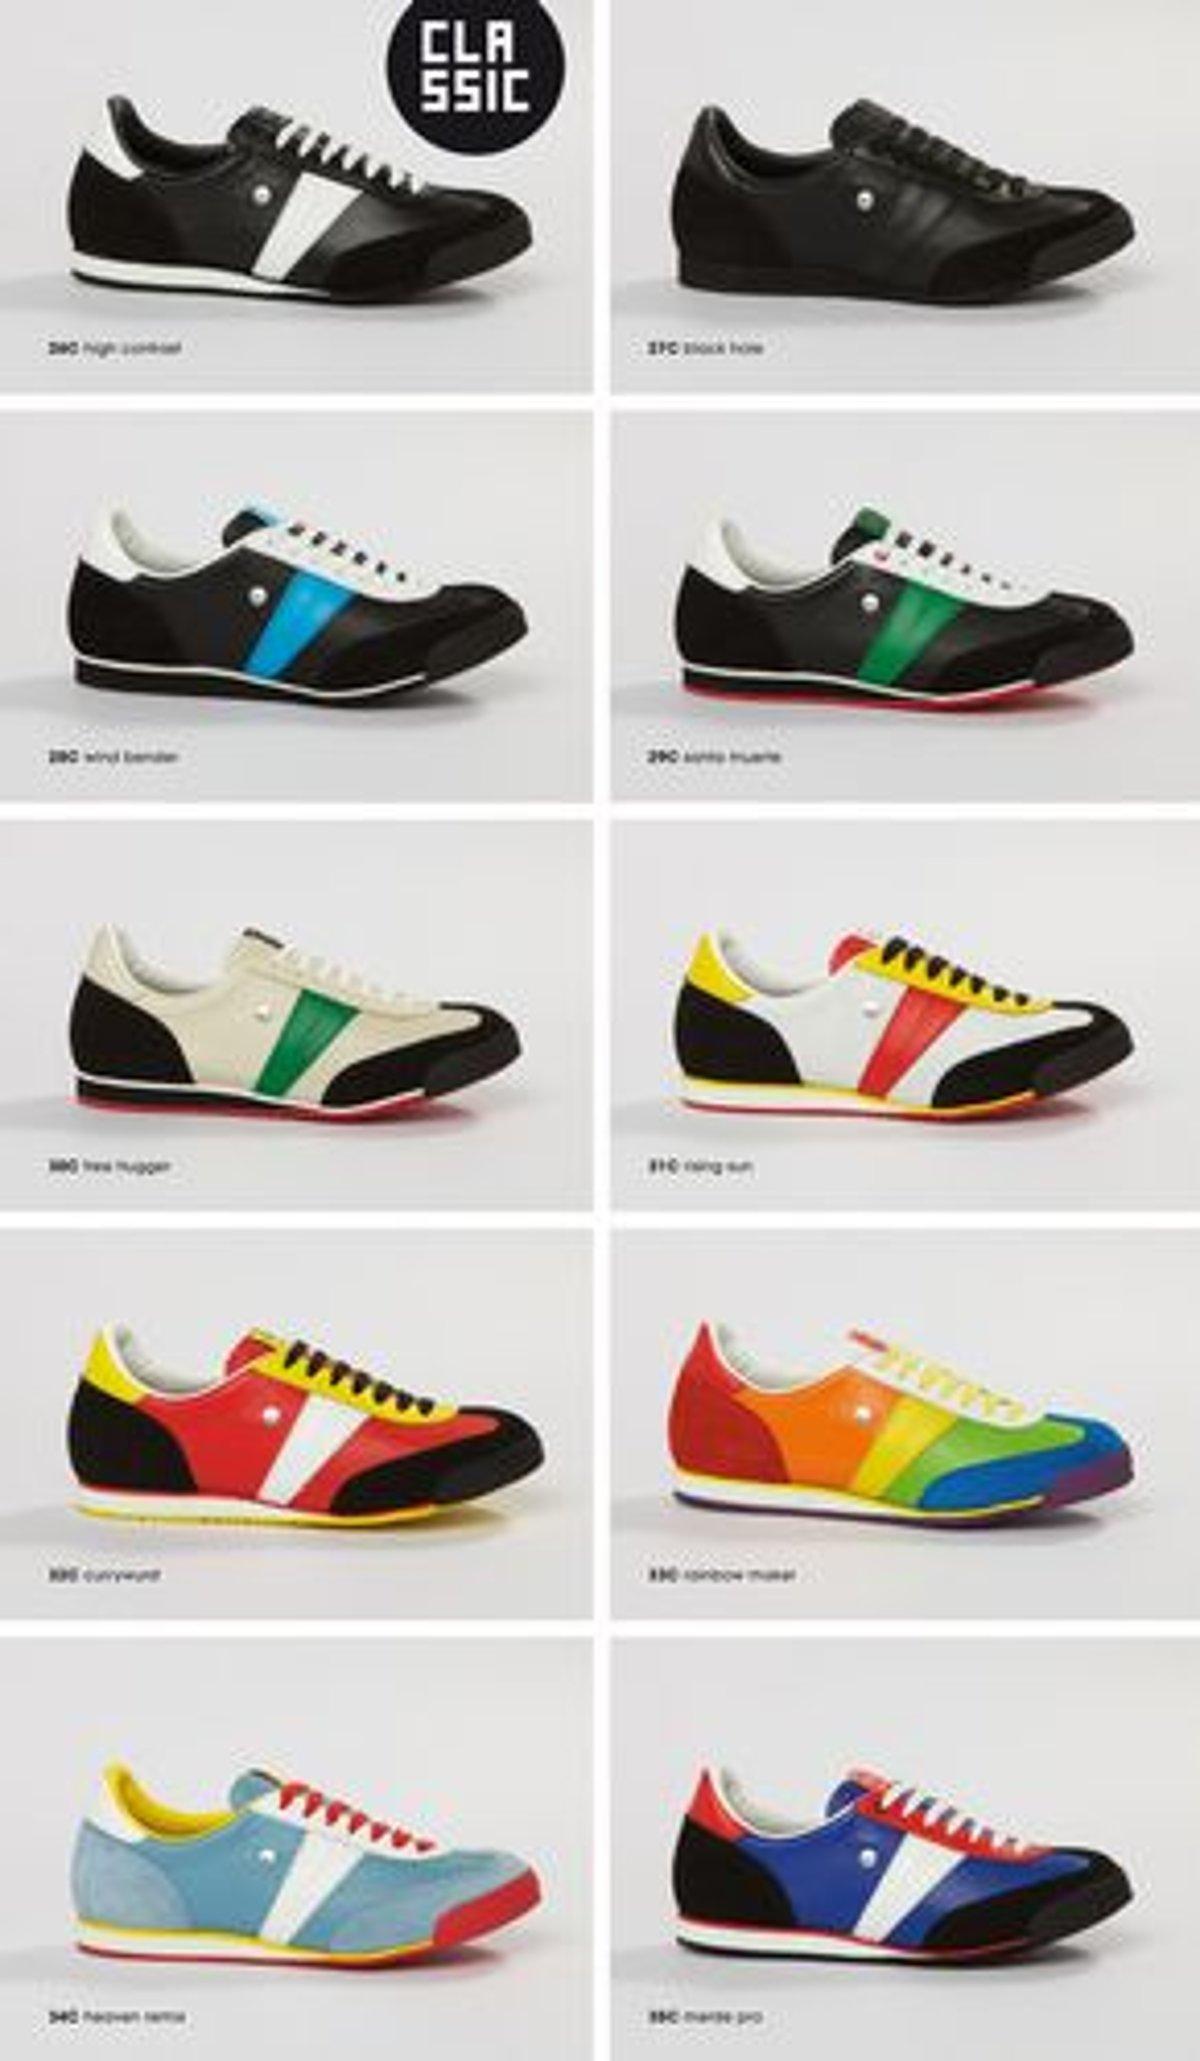 059f67f0c Značkové botasky - nové modely plátených tenisiek v retro štýle -  tlacovespravy.sme.sk